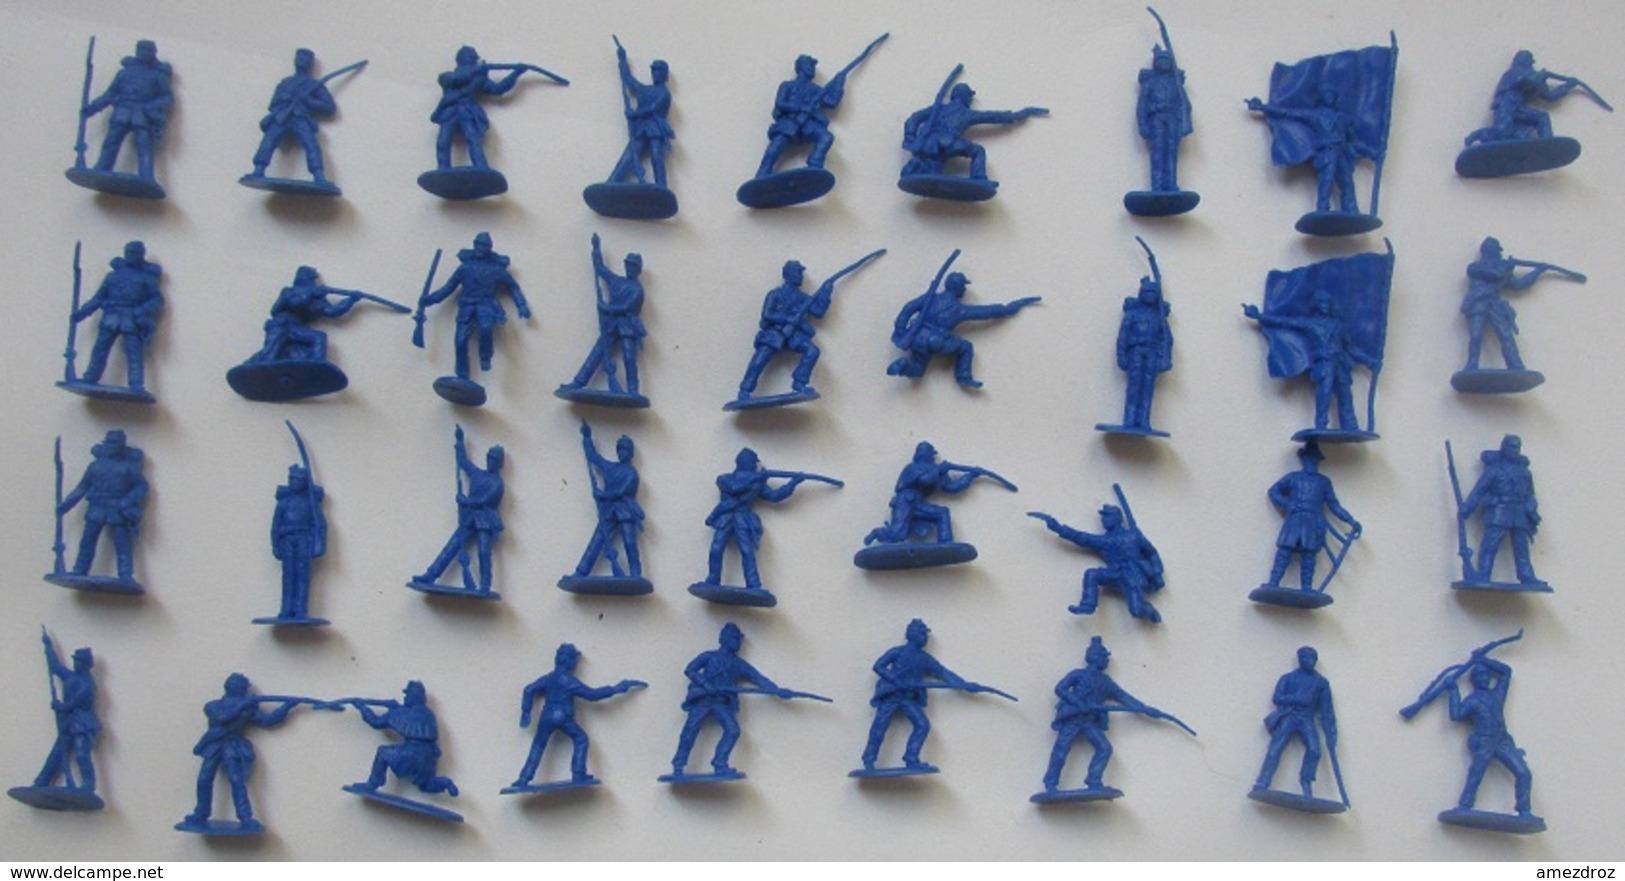 Figurines Monochromes Soldat De L'Empire 1870 Ho 1/72, Soldats Divers Poses 36 Pièces - Figurines